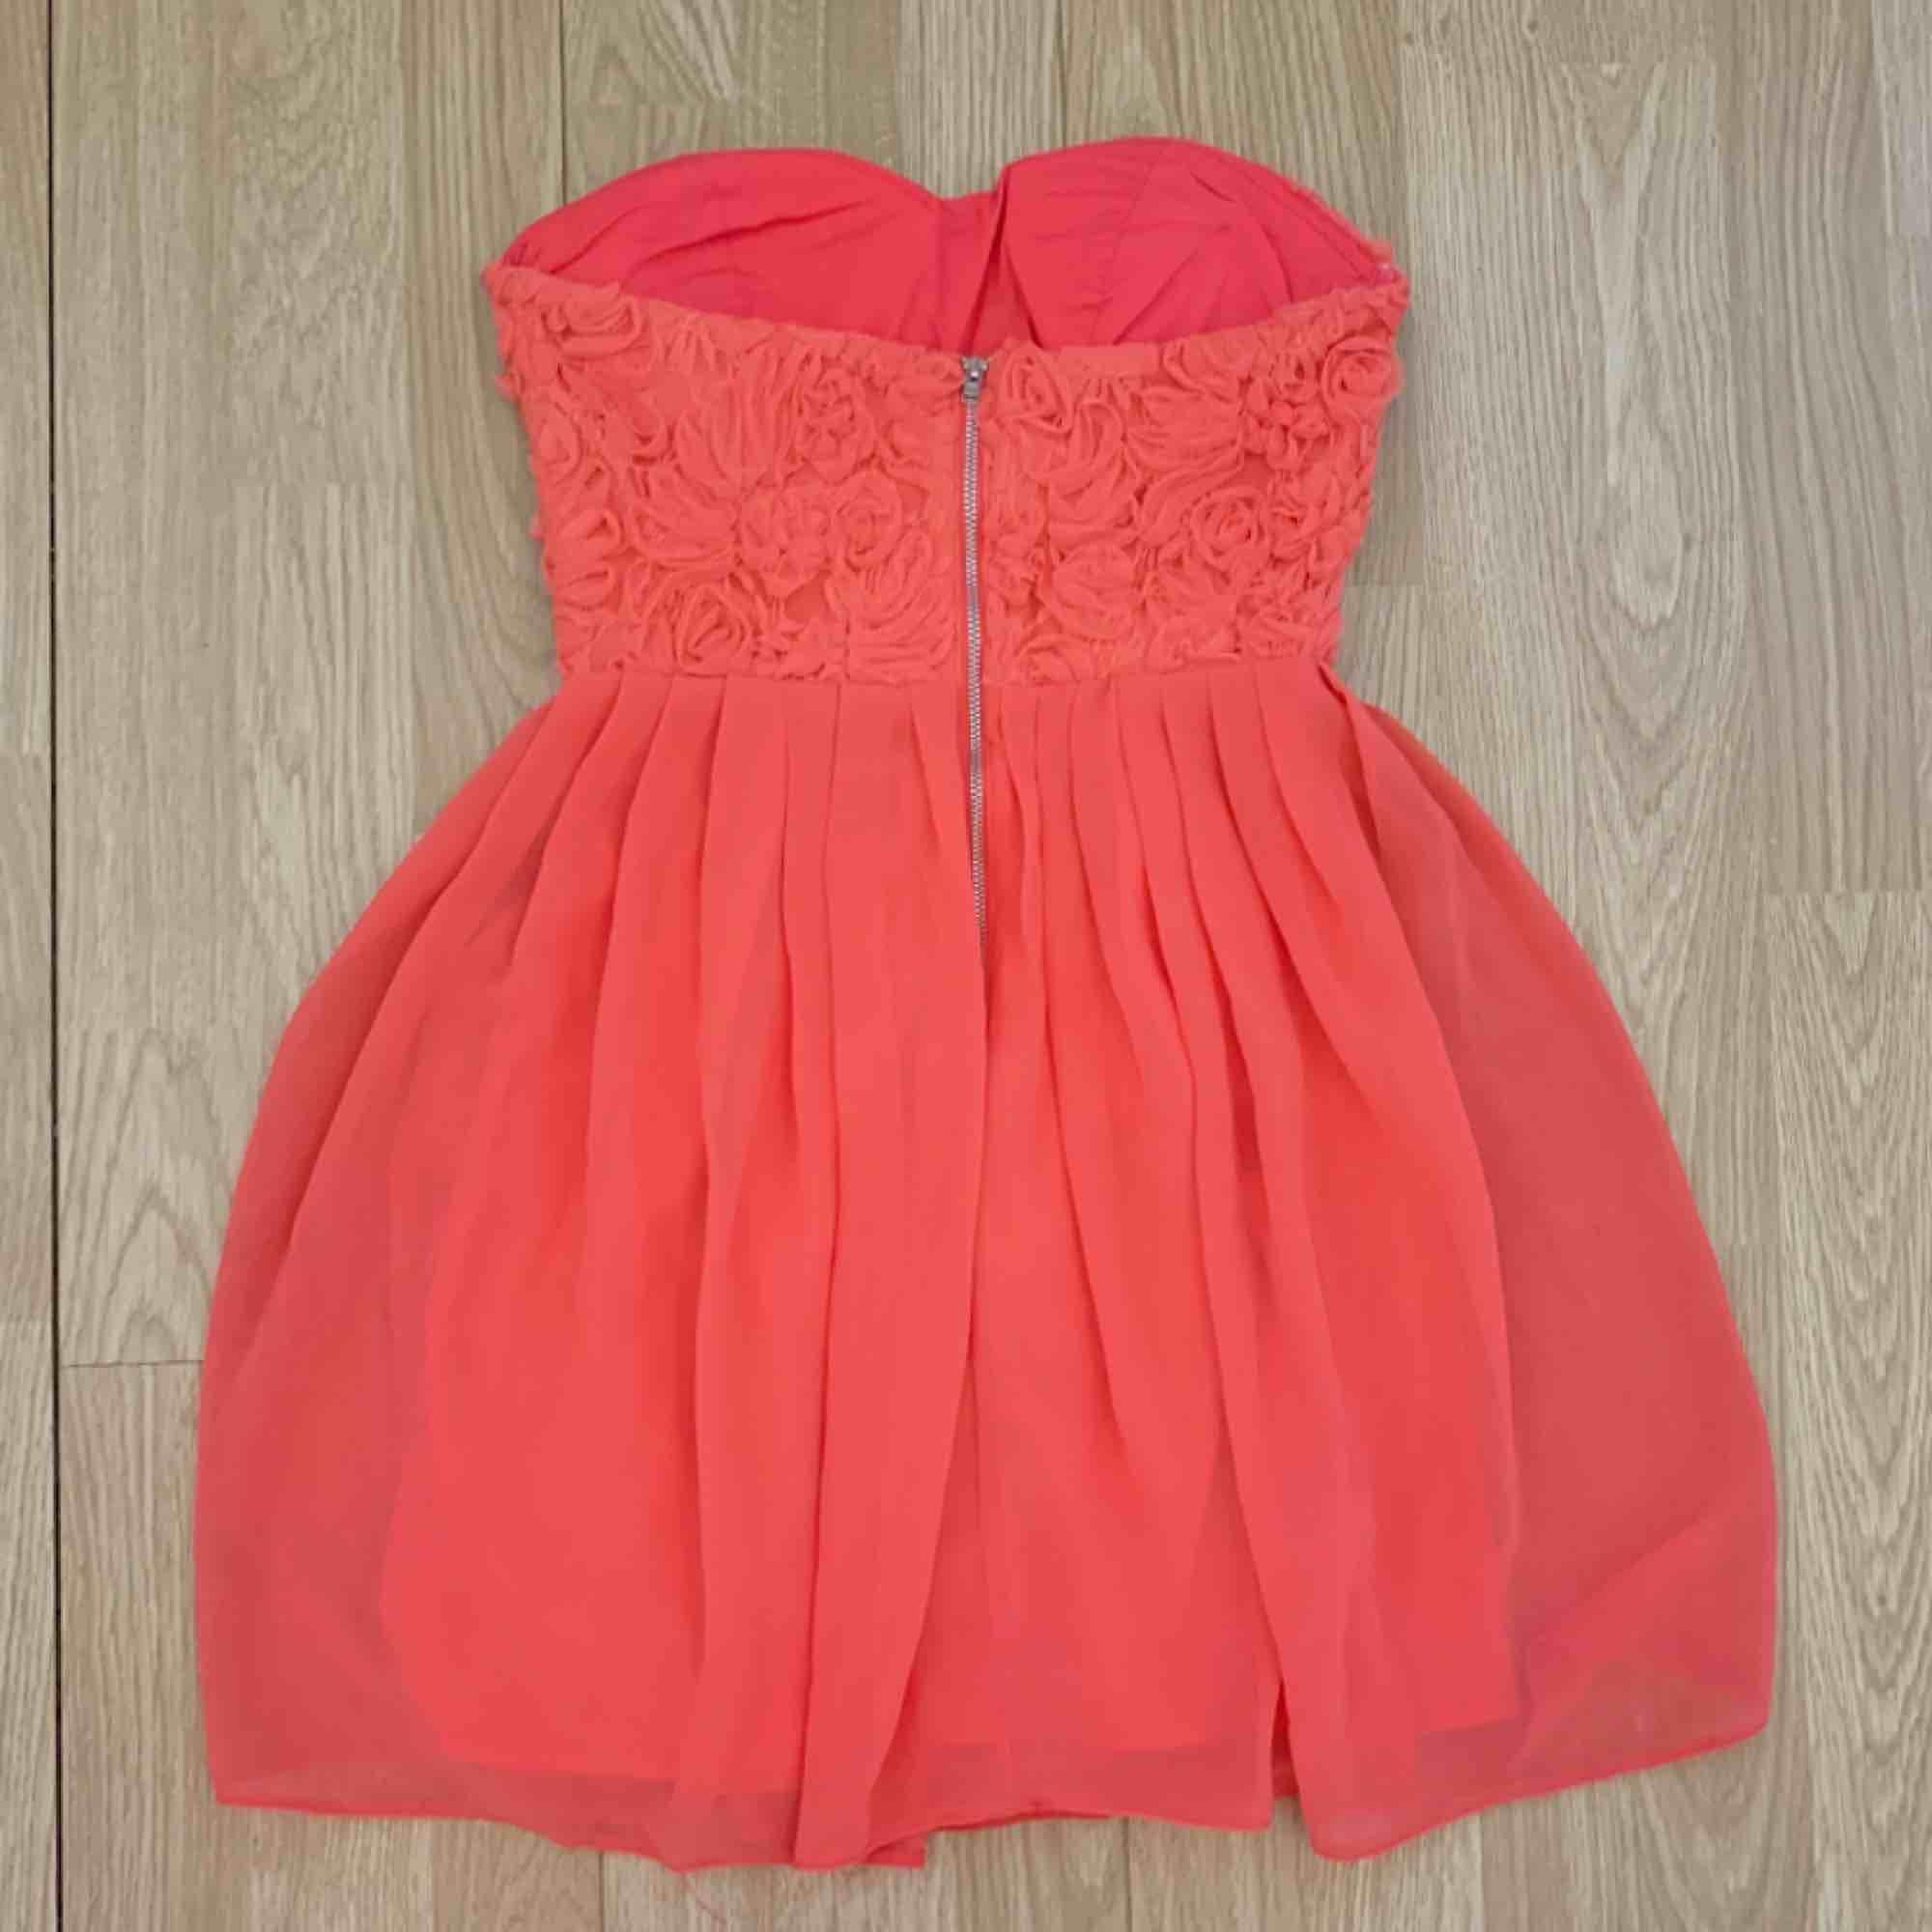 Superfin kort rosa klänning från Elise Ryan storlek 36. Fint skick.  Möts upp i Stockholm eller fraktar.  Frakt kostar 59kr extra, postar med videobevis/bildbevis. Jag garanterar en snabb pålitlig affär!✨. Klänningar.